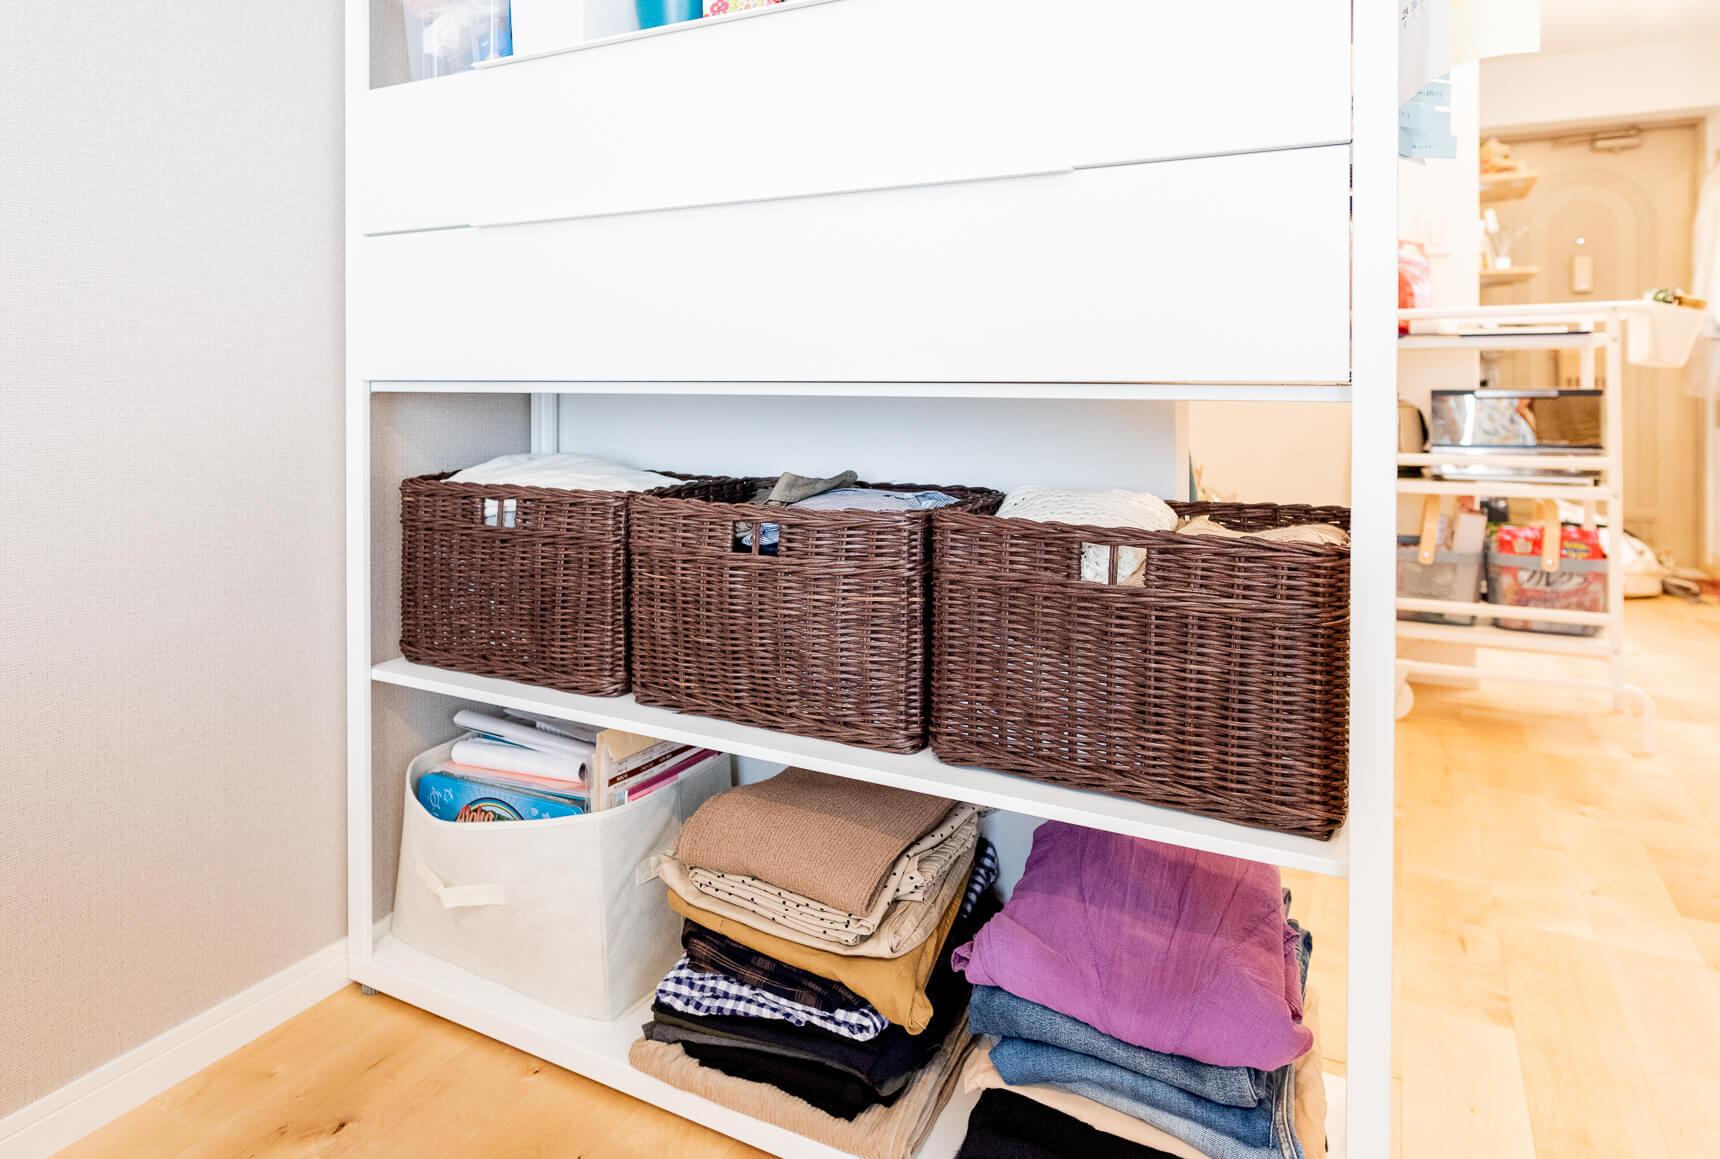 棚はIKEAで購入したもの。シンプルなデザインがいい。下段には洋服をきちんと畳んでしまっている。実はクローズドな収納がない部屋なのだが、工夫してすっきりみせている。